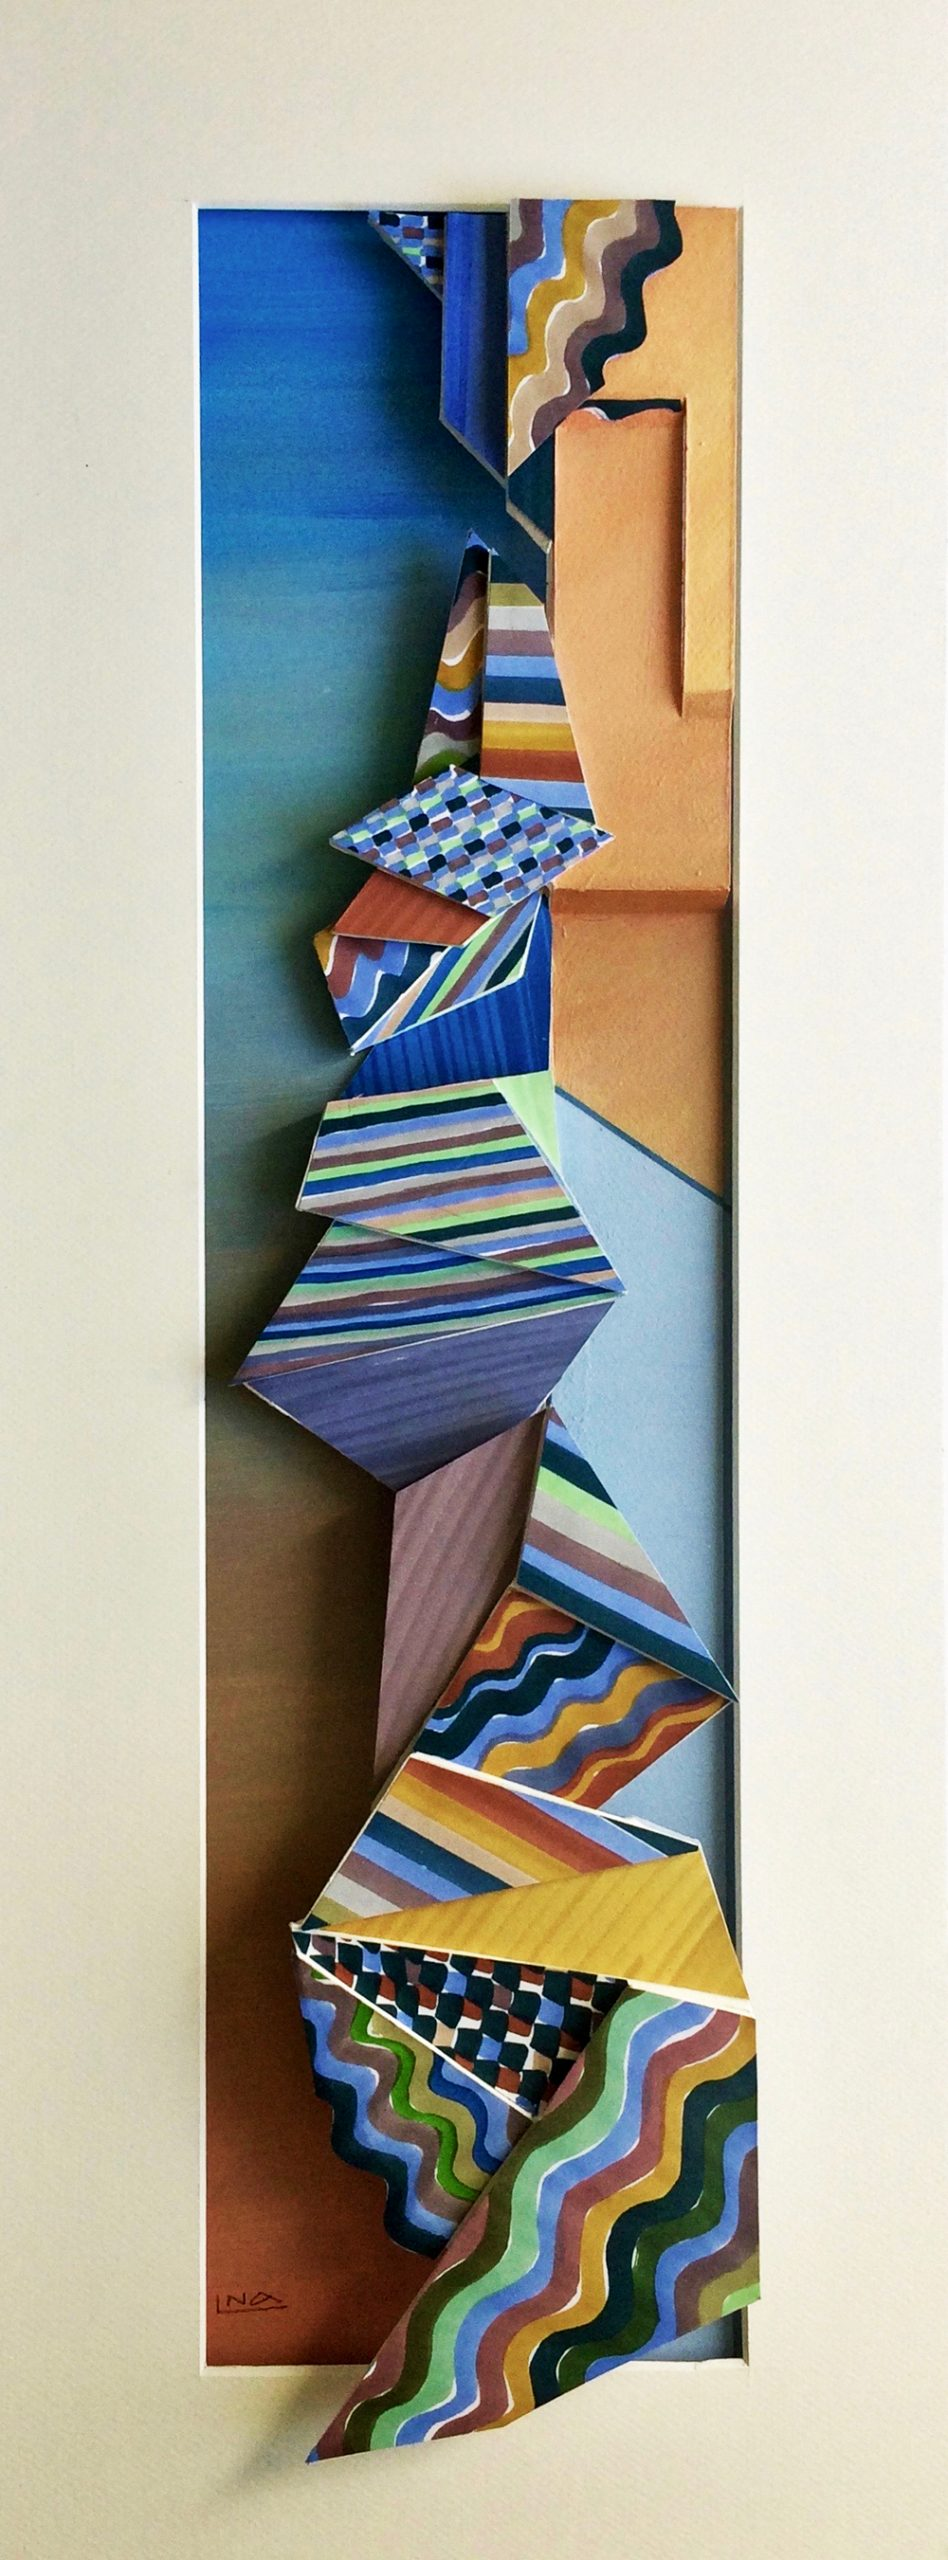 Nanou Autin, Volumes, Mediterranée, Papier contre-collé, feutre et acrylique 29 x 75 cm – 2019